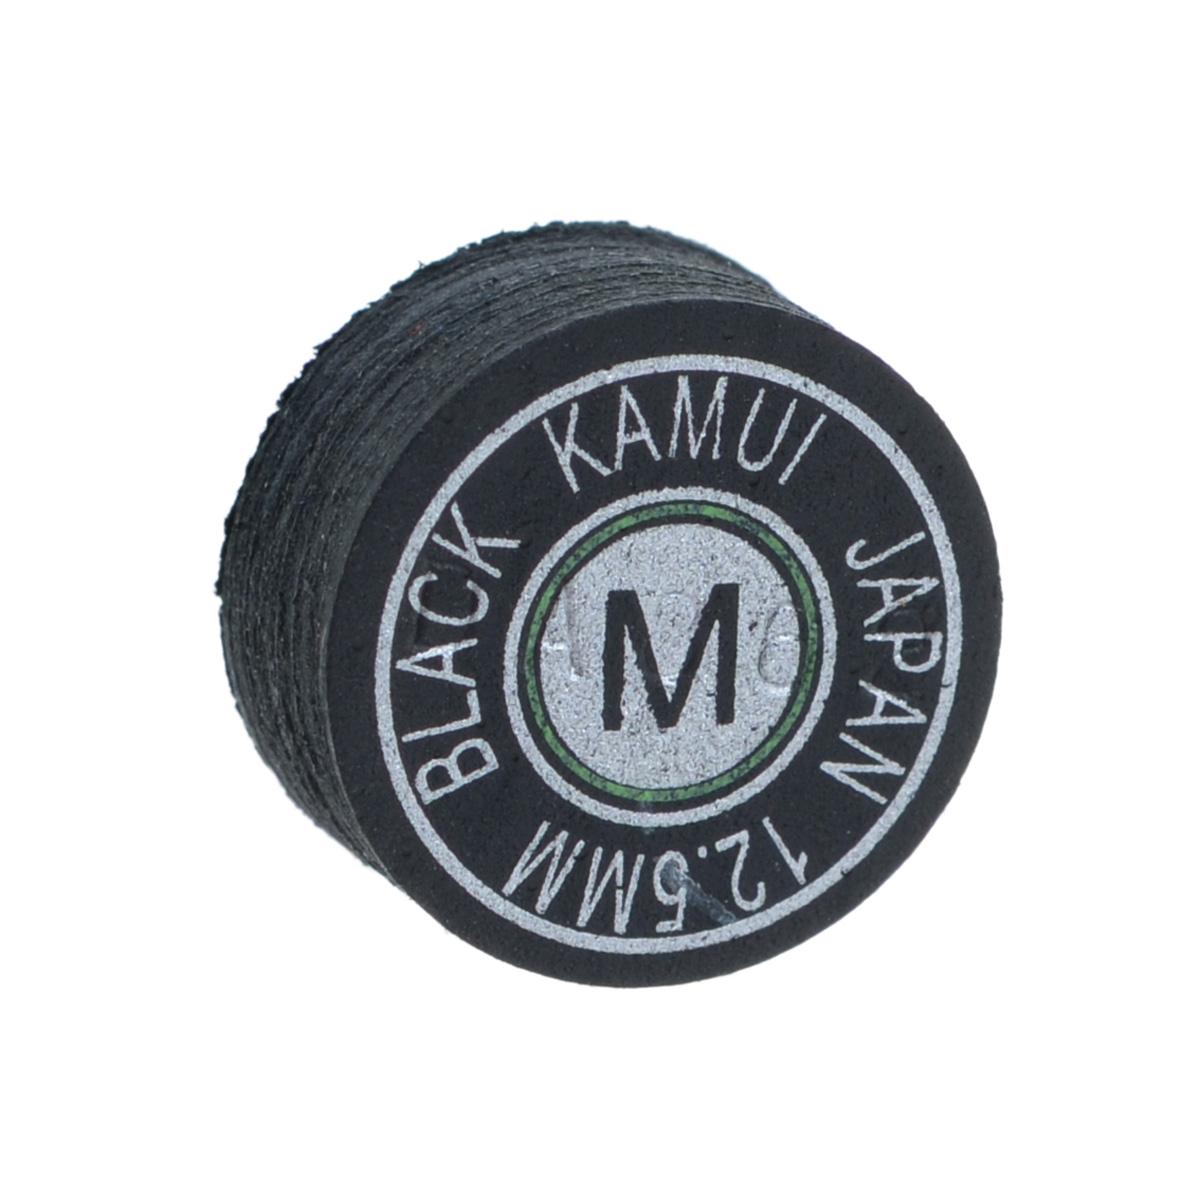 Наклейка для кия Kamui  Black , средняя жесткость, 12,5 мм - Бильярд